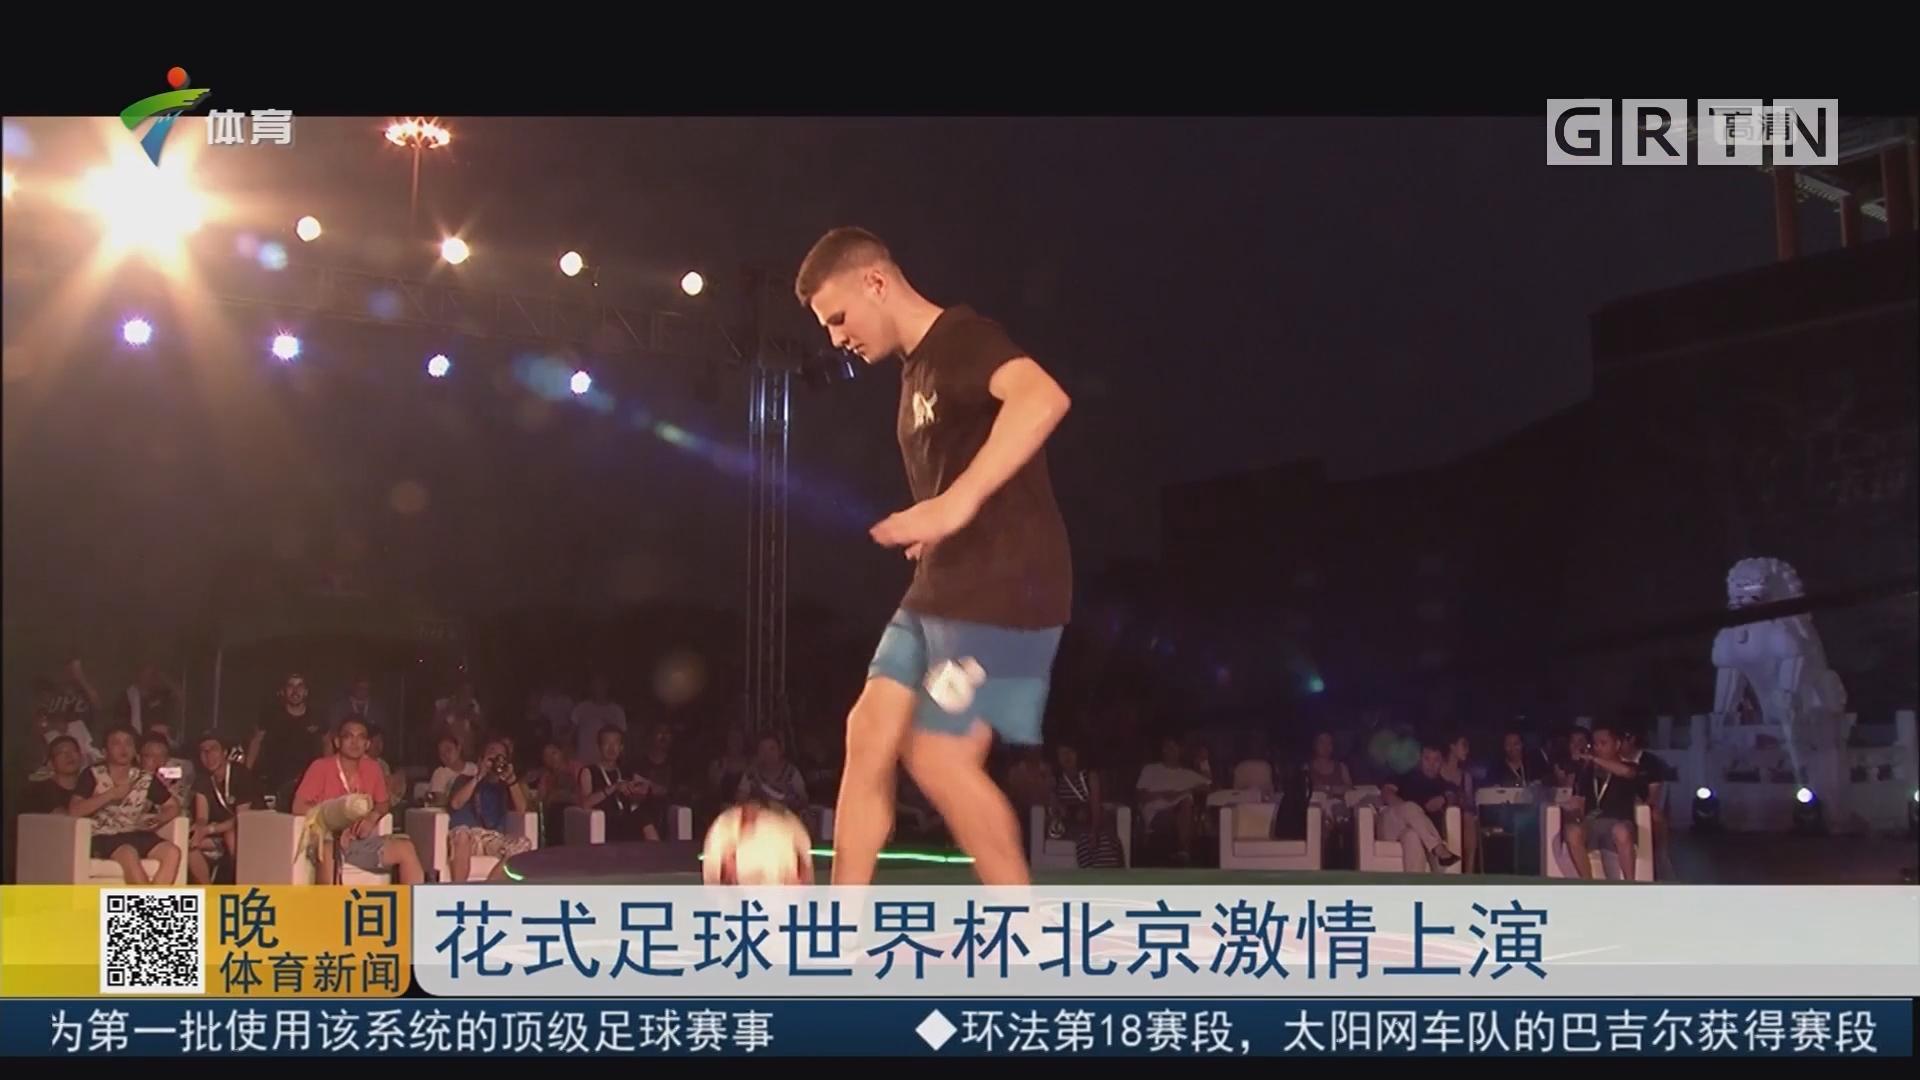 花式足球世界杯北京激情上演